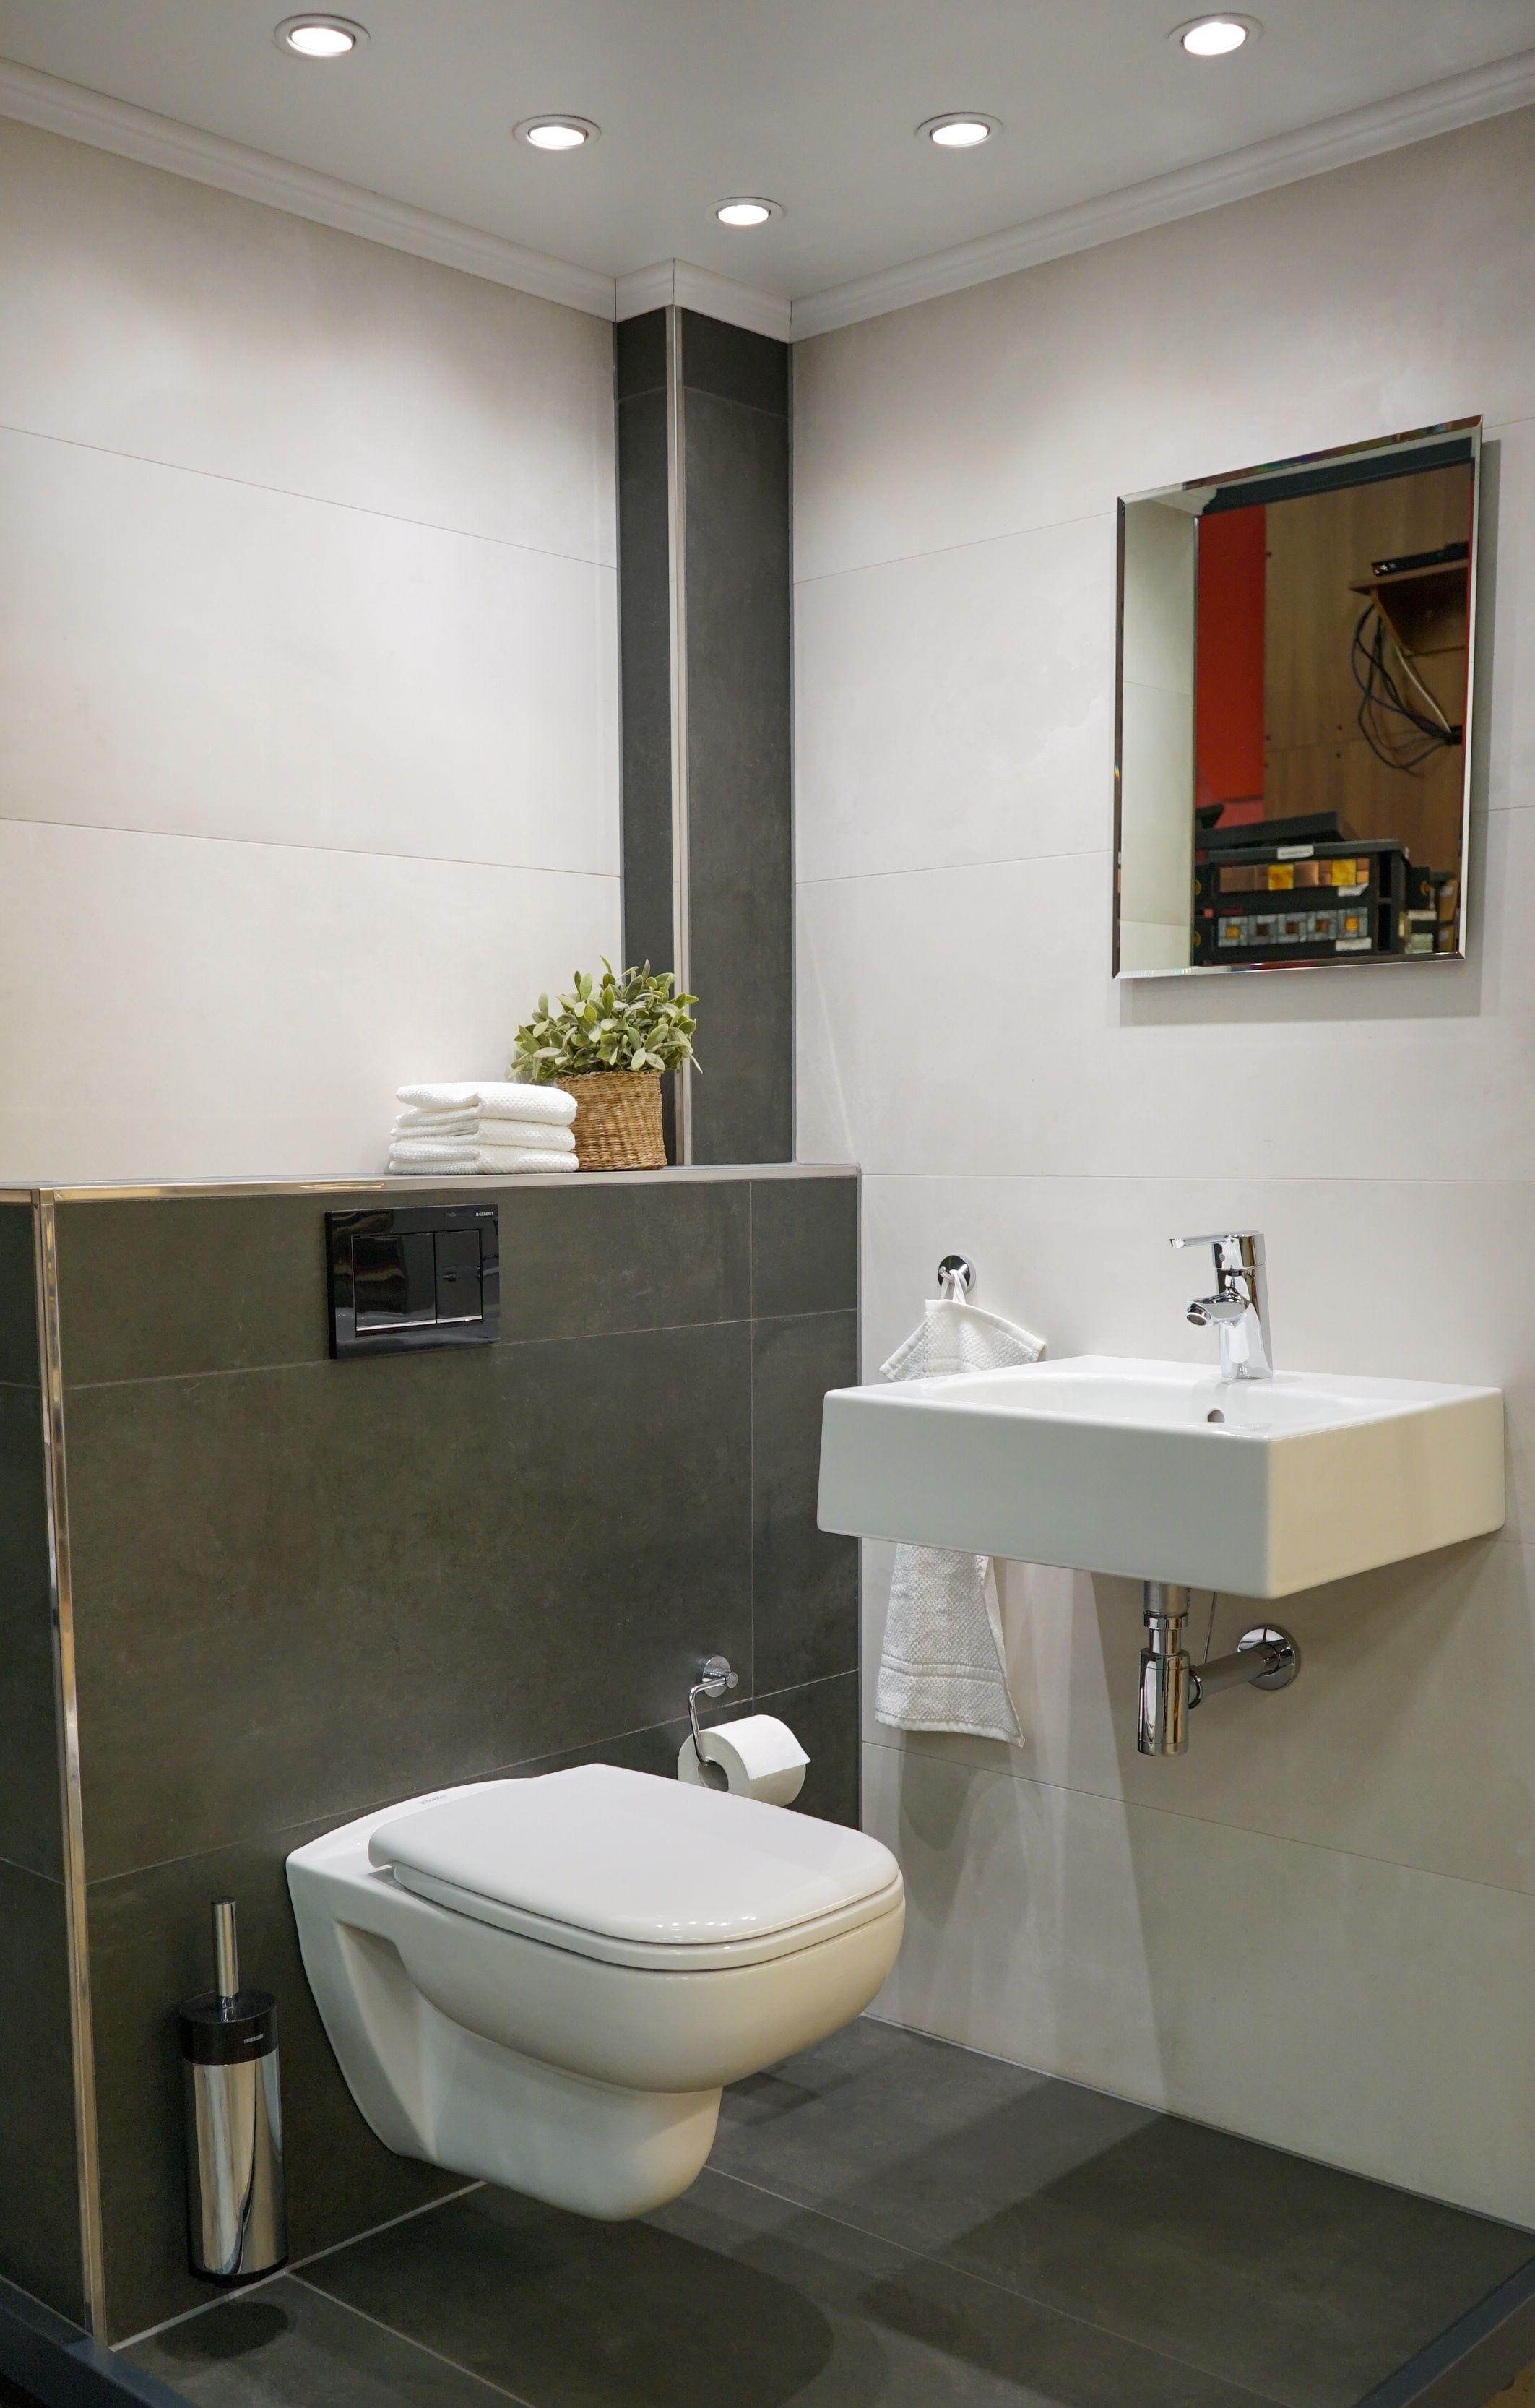 modernes kleines Bad   Moderne kleine bäder, Kleine bäder, Modern